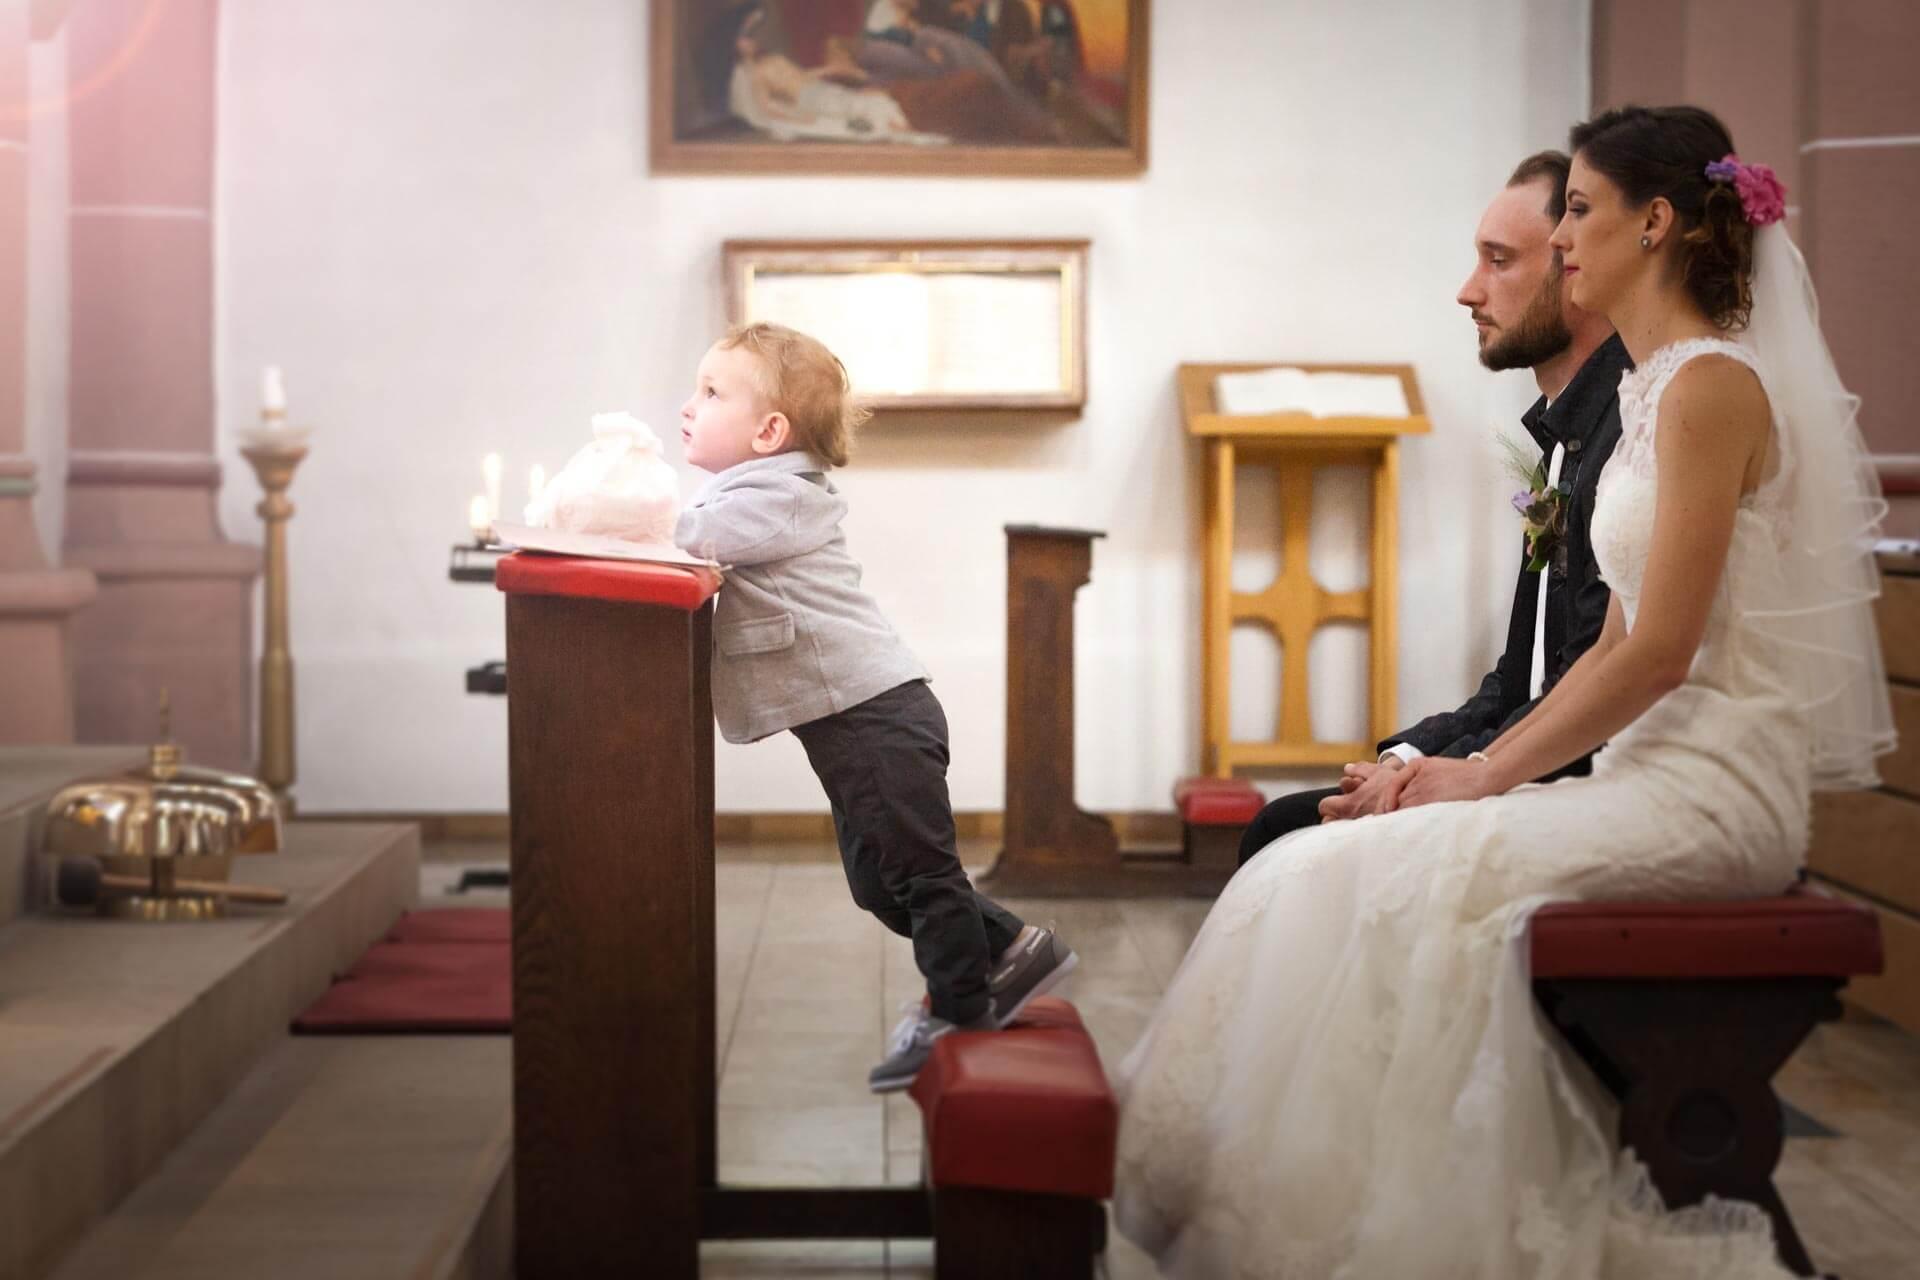 brautpaar, kirche, trauung, zeremonie